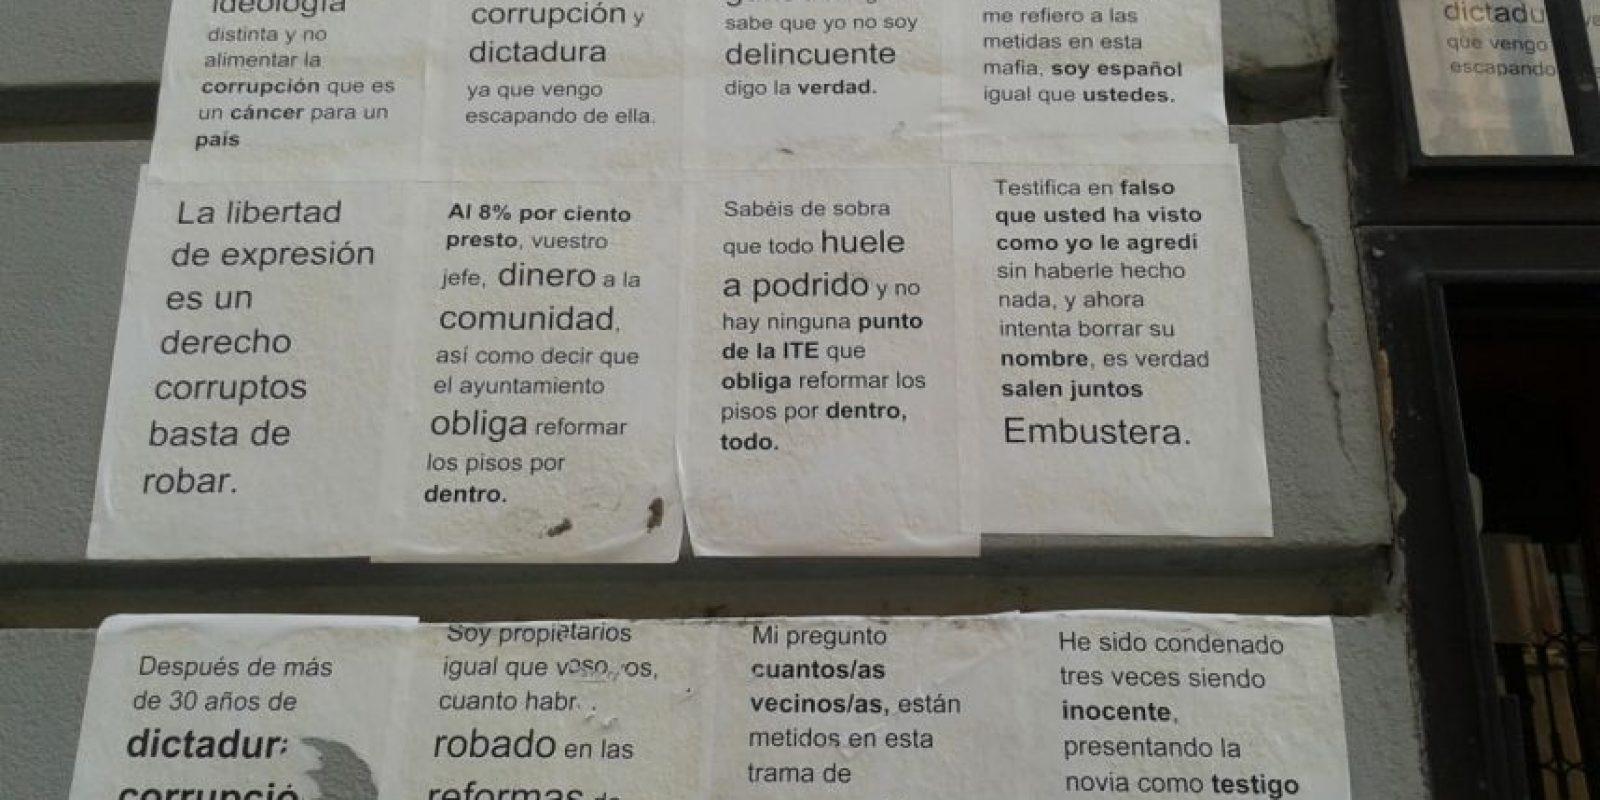 El revolucionario (parte 2). Foto:vía DramaEnElPortal/Tumblr